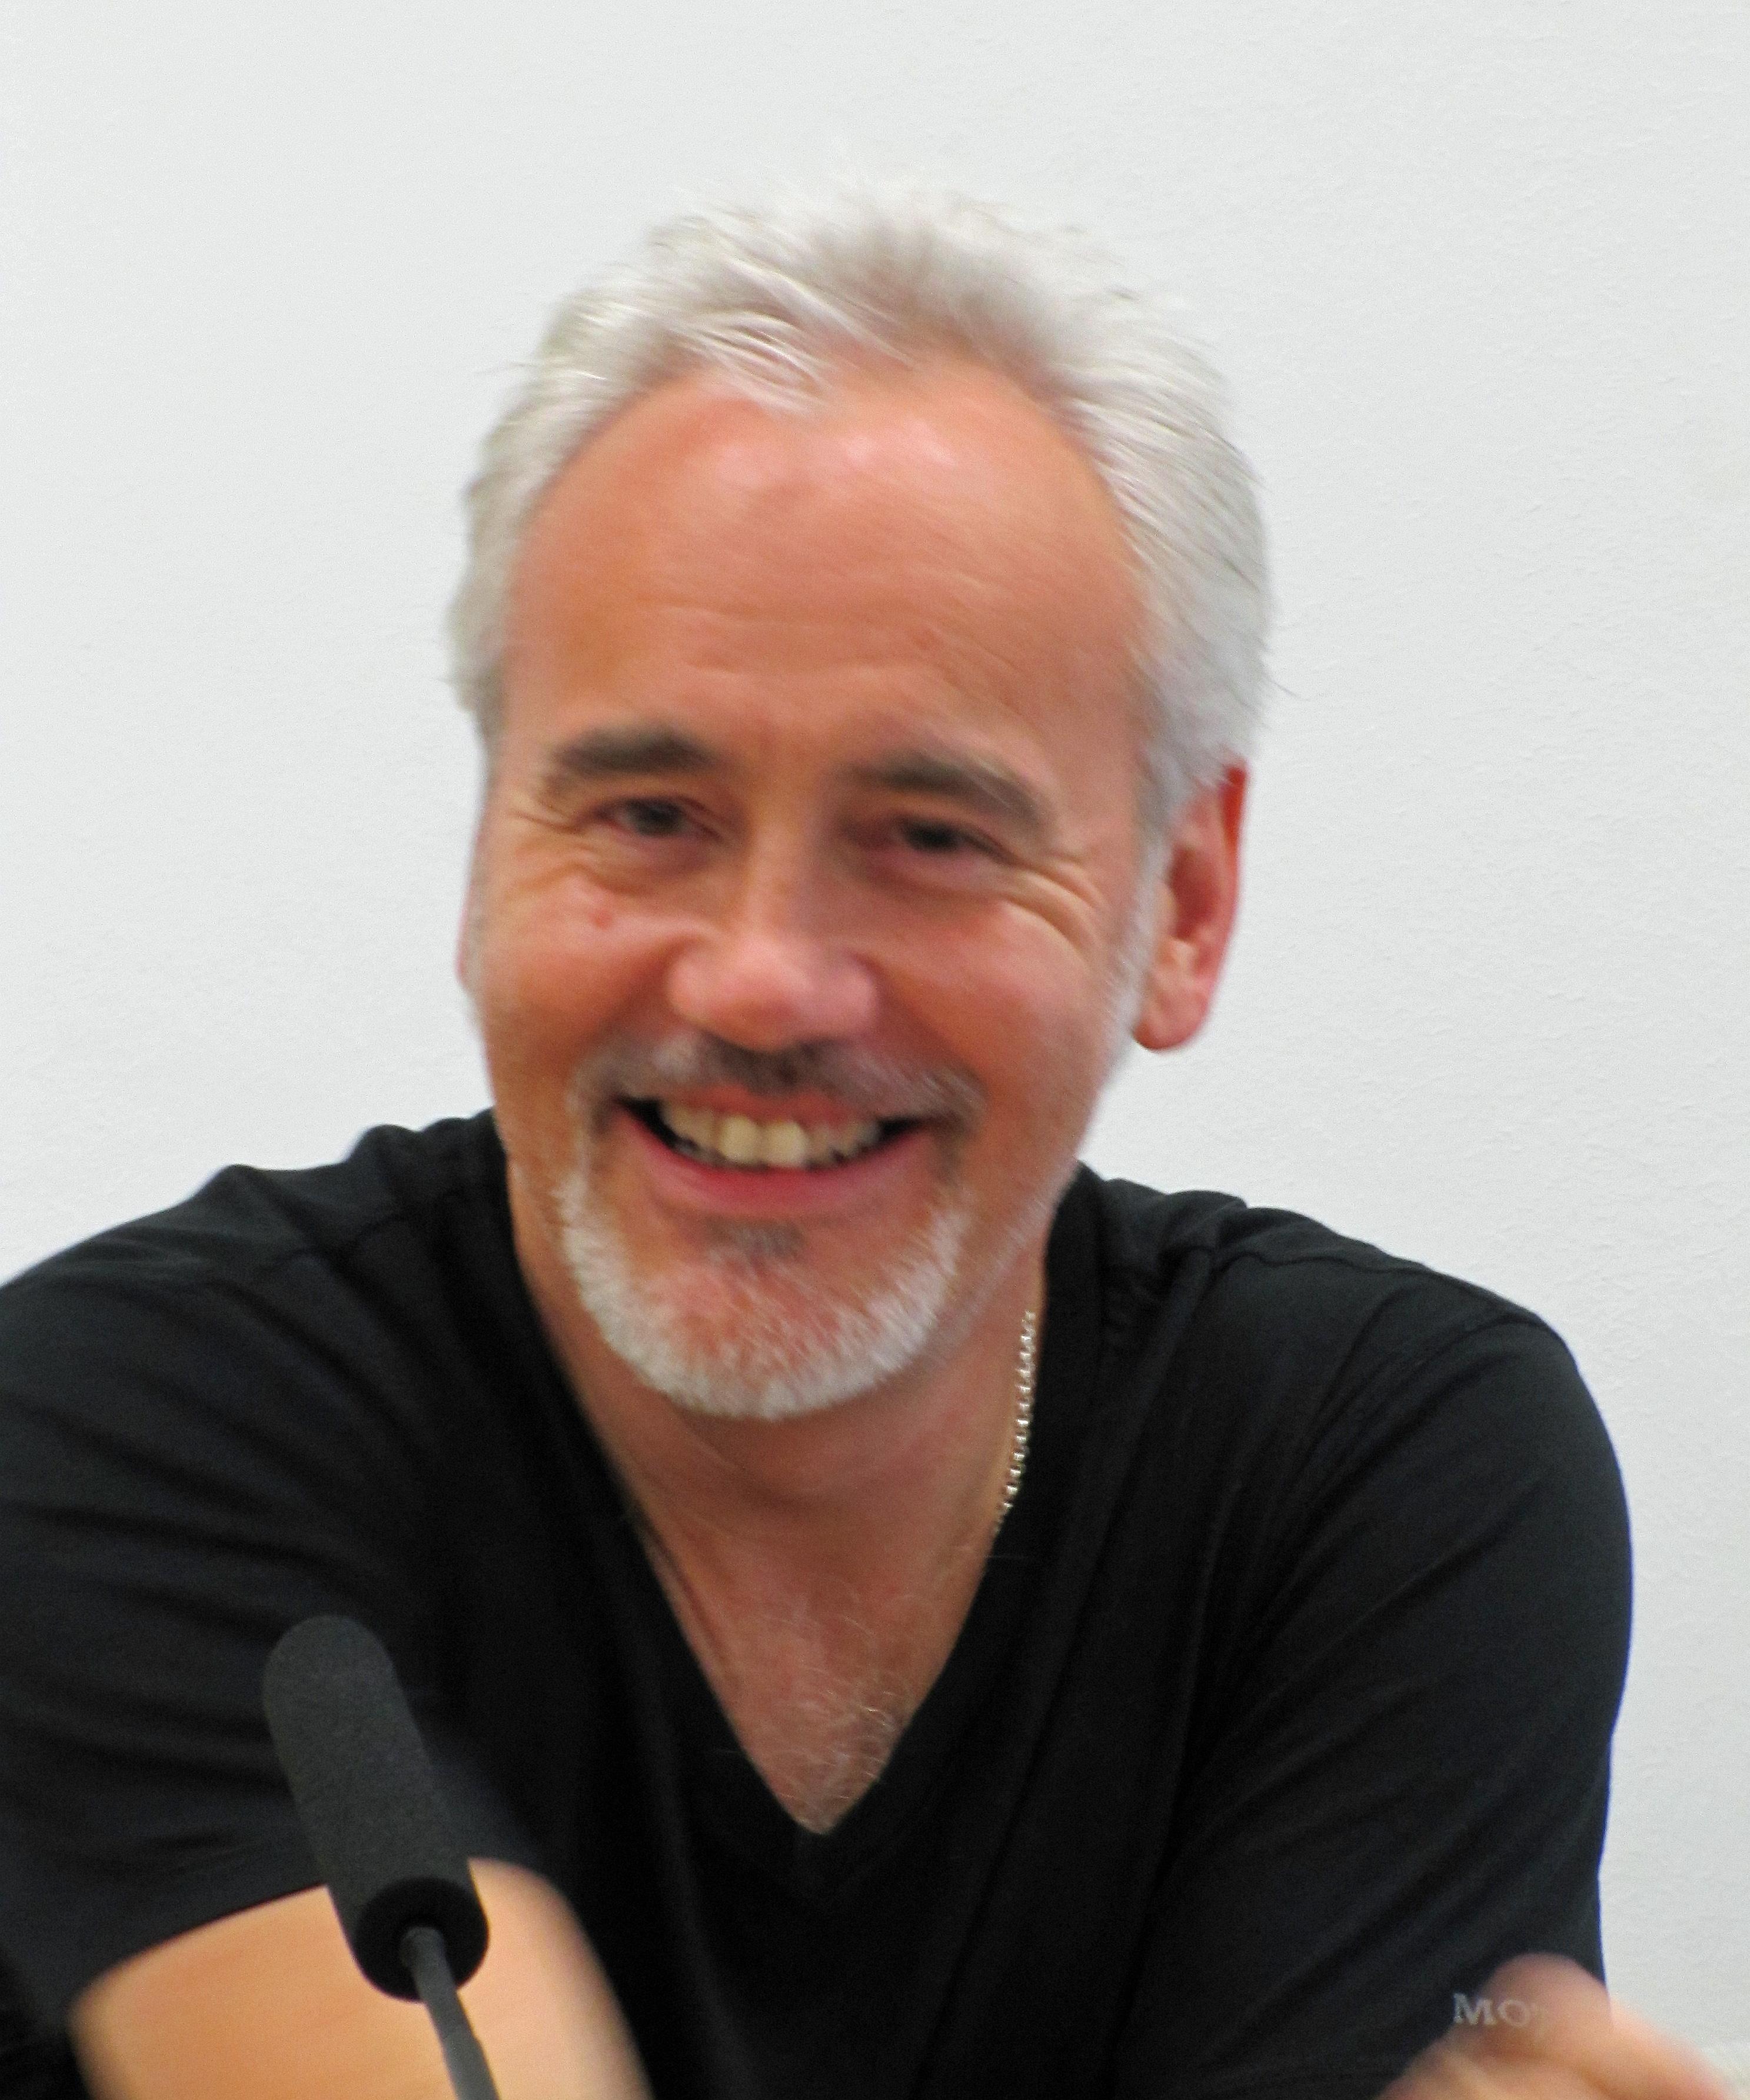 Hansjörg Schertenleib